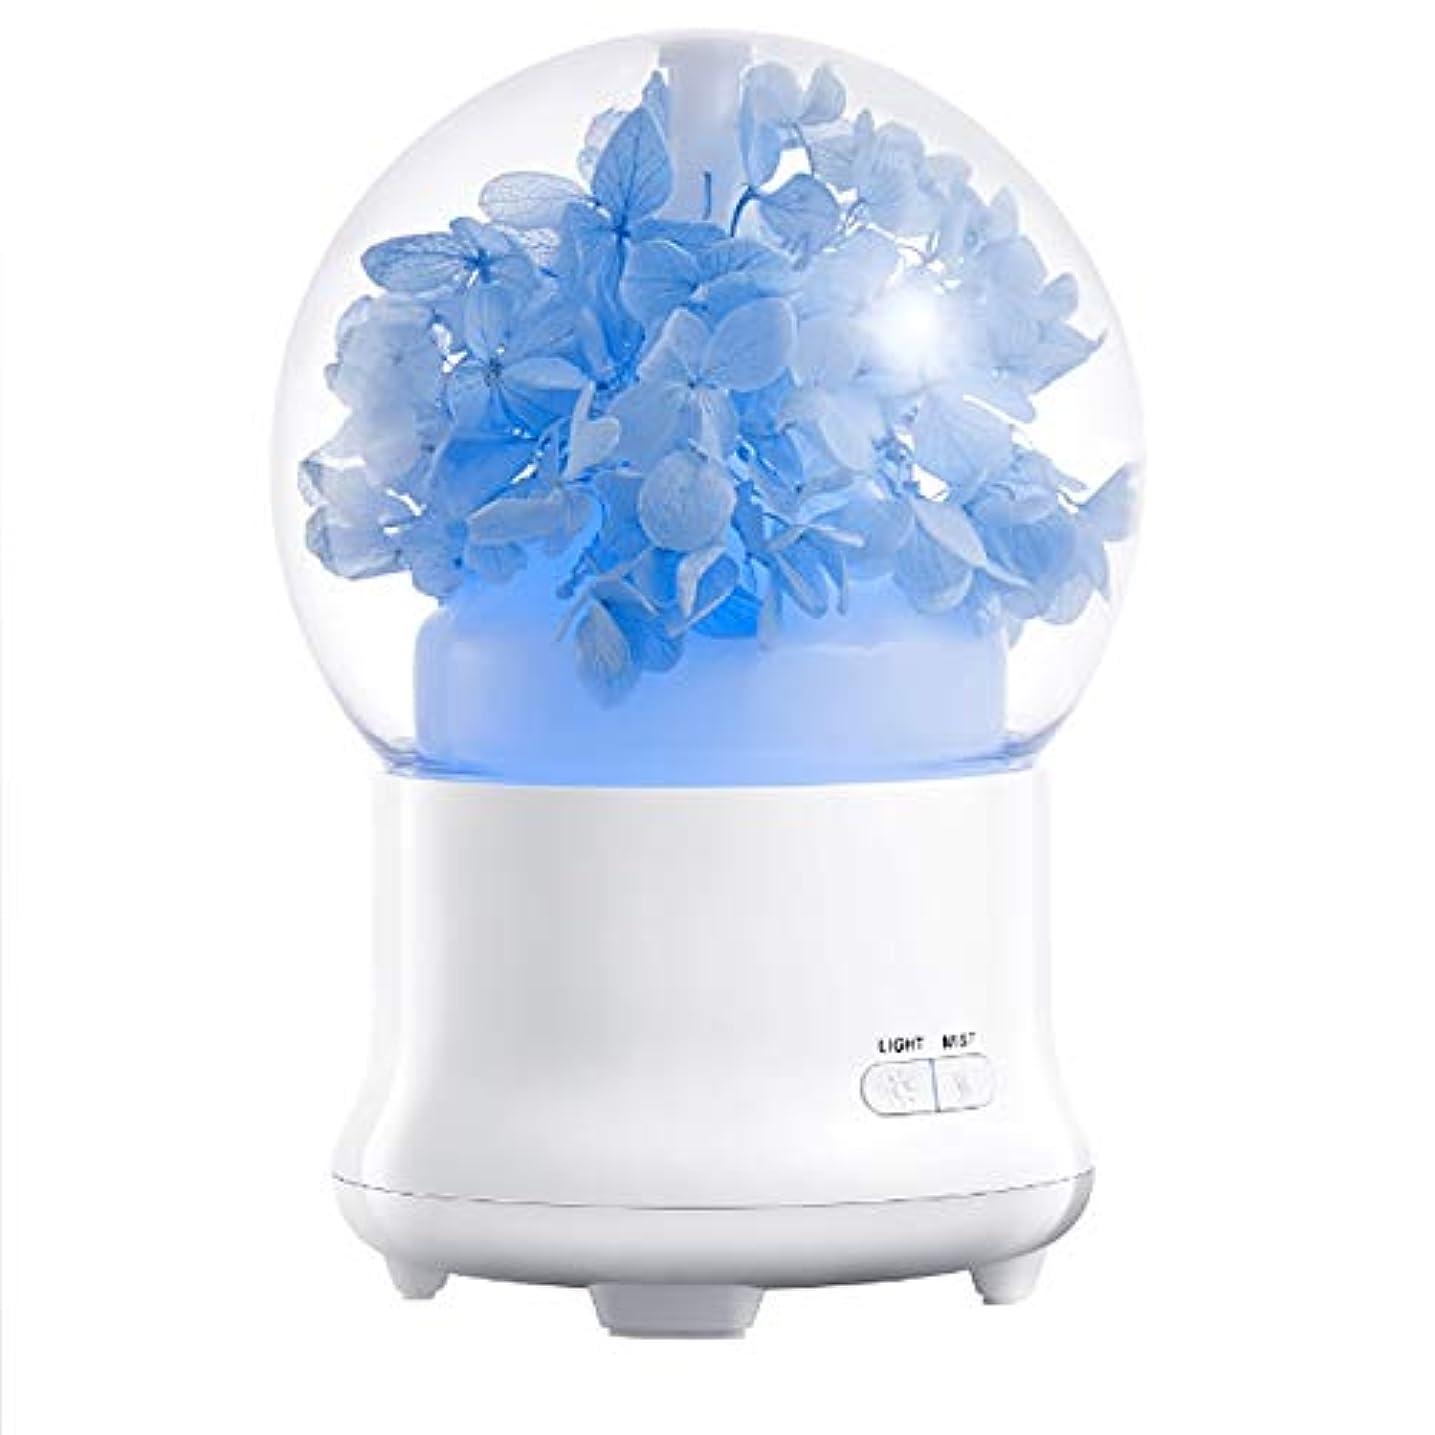 労働放射性達成100ml 加湿器アロマセラピーマシン永遠の花クリーンエアタイマーと自動オフ安全スイッチオフィスホームベッドルームリビングルームスタディヨガスパ USB 充電,1